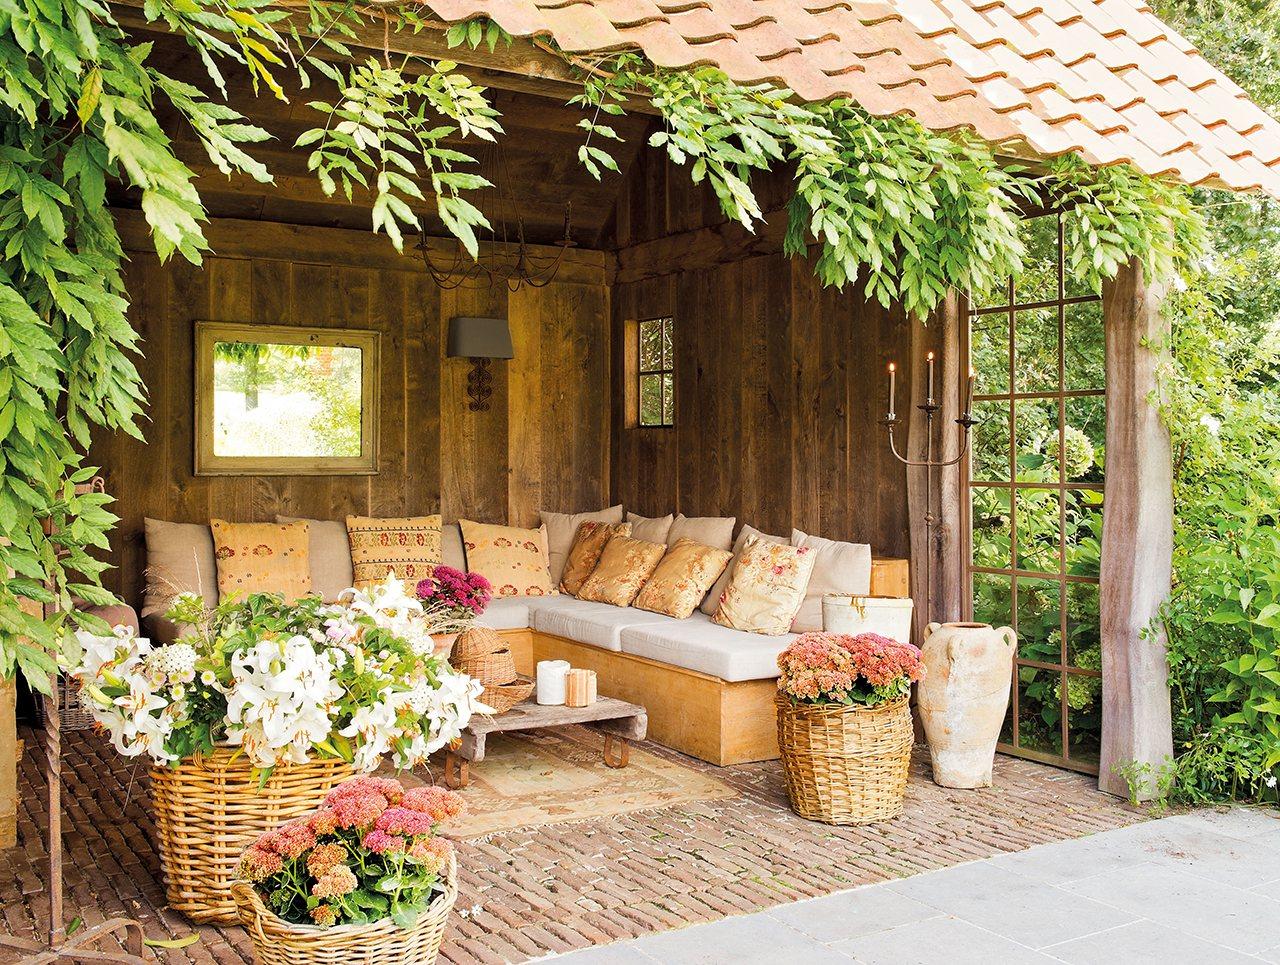 Una casa de campo muy acogedora con un jard n y un porche - Como decorar un jardin rustico ...